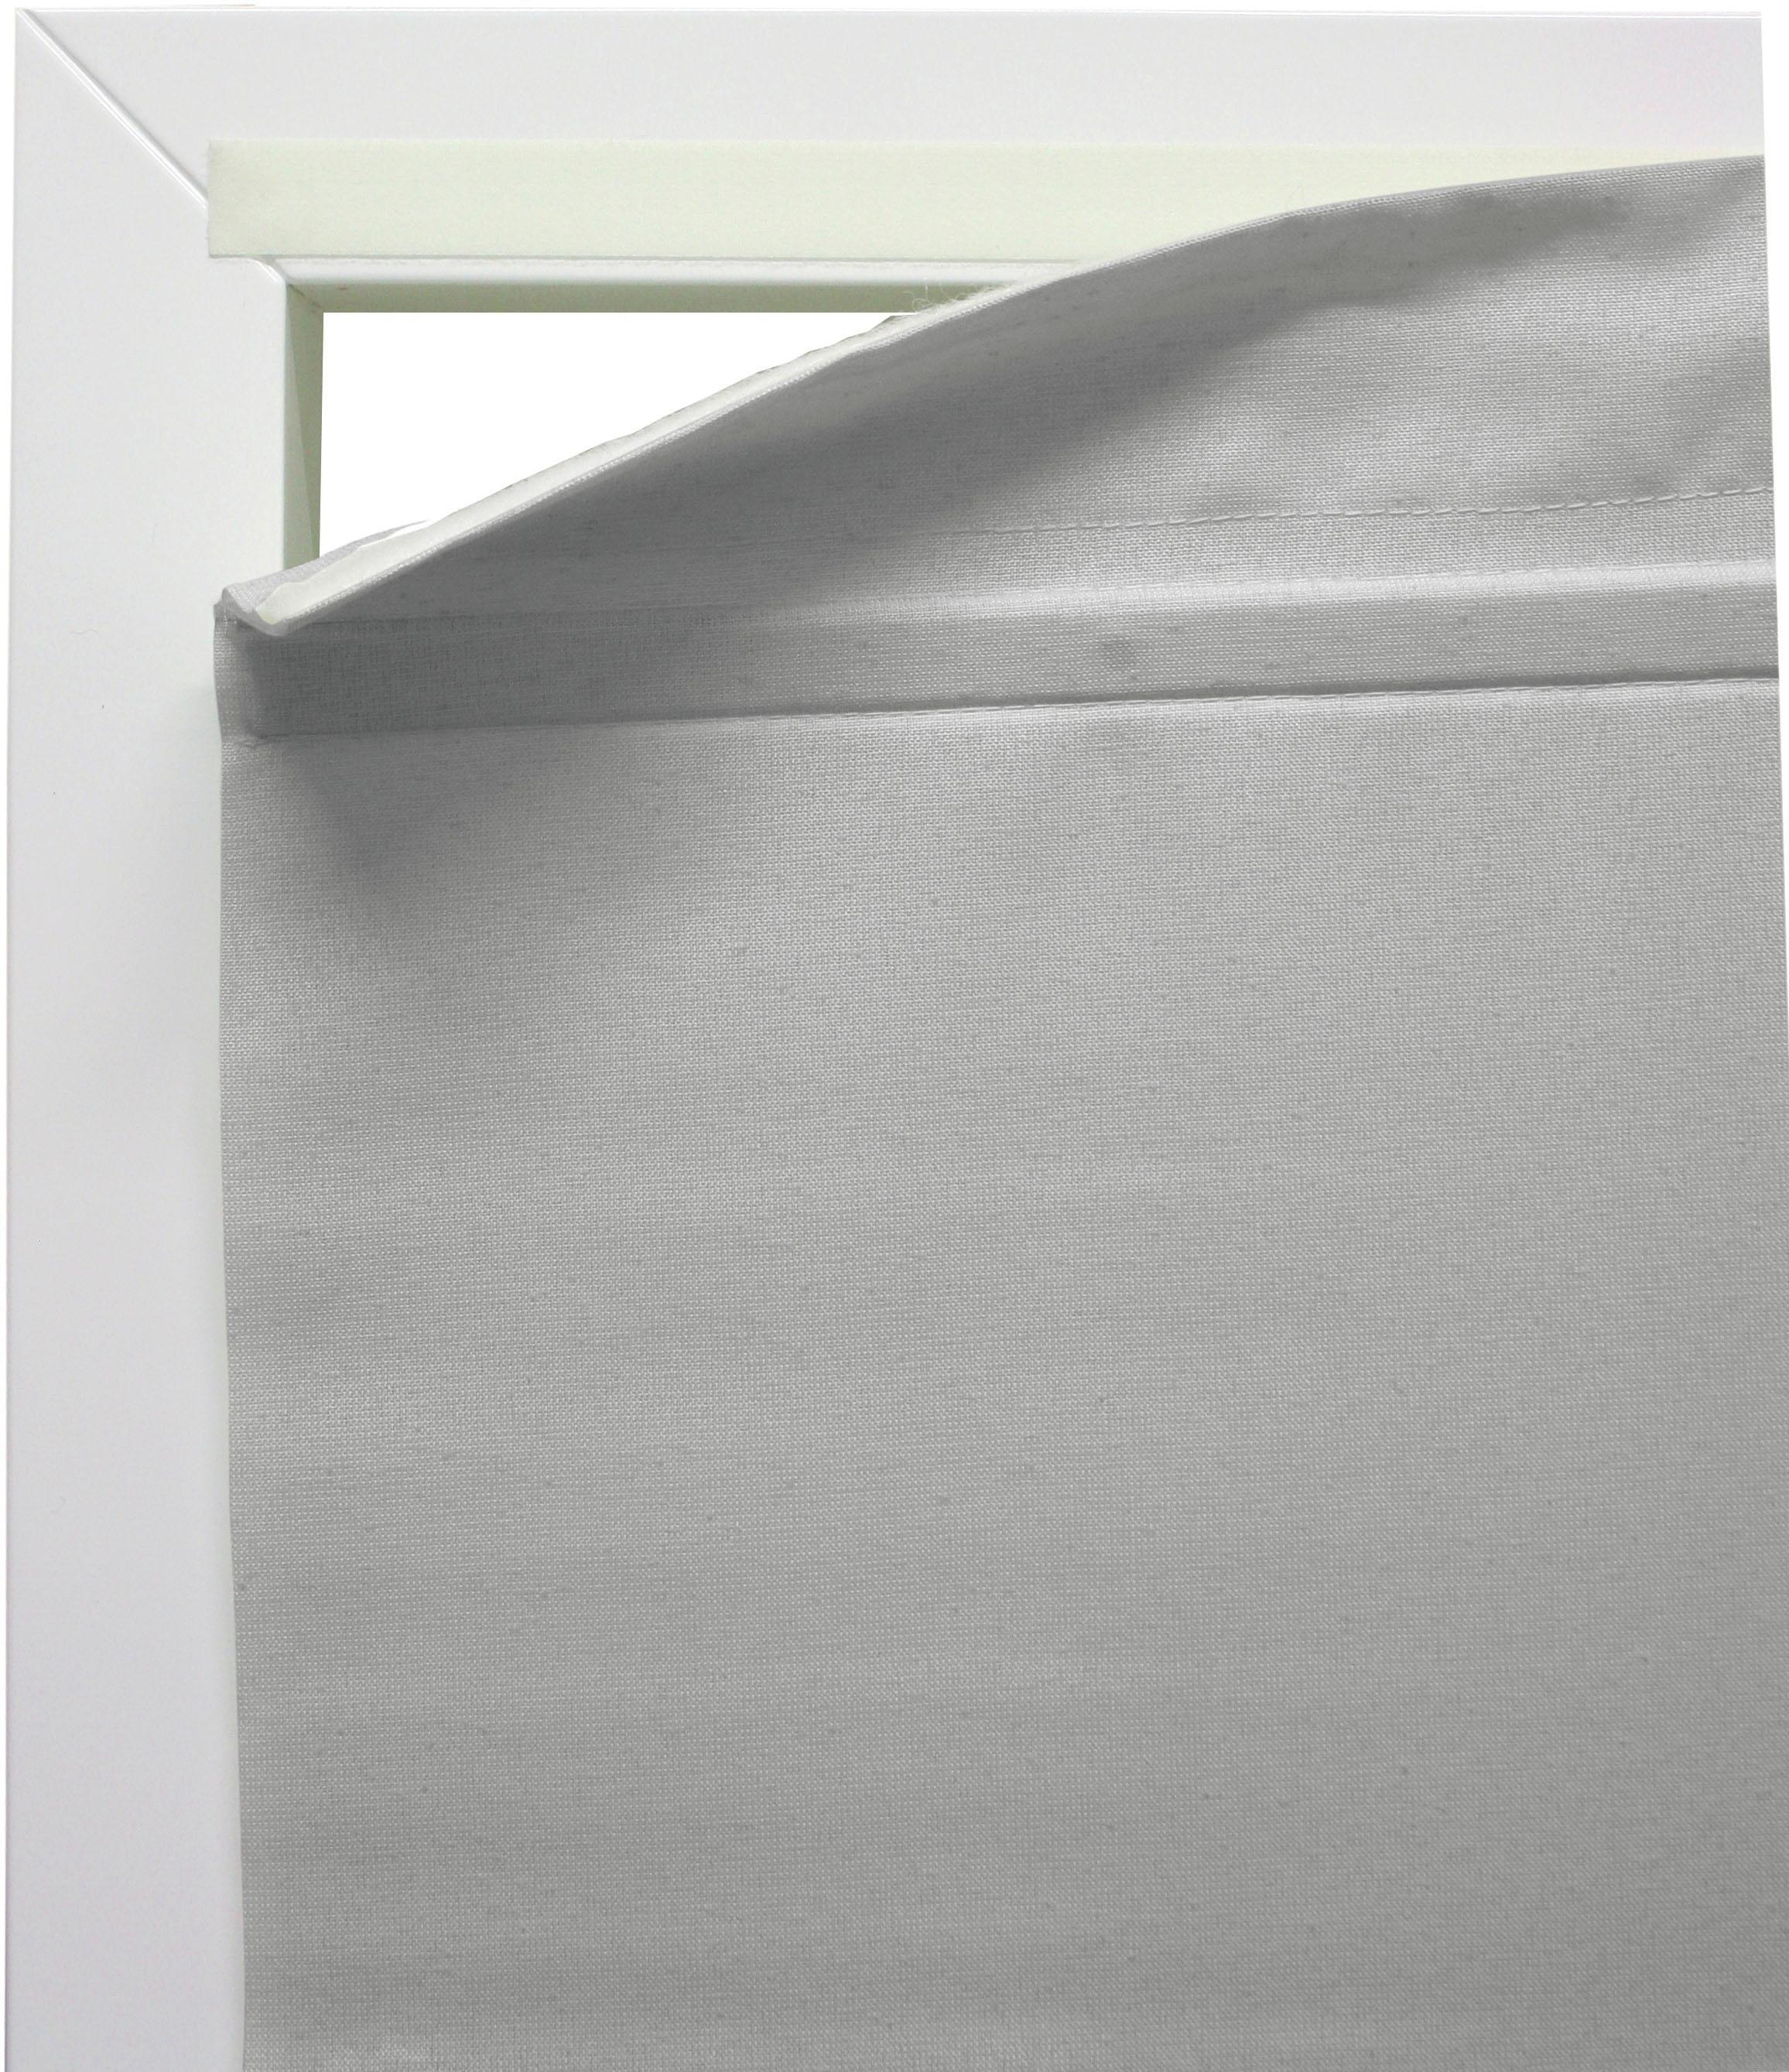 GARDINIA Vouwgordijn »EASYFIX vouwgordijn magnetisch«, met klittenband, zonder boren, vrijhangend bij OTTO online kopen